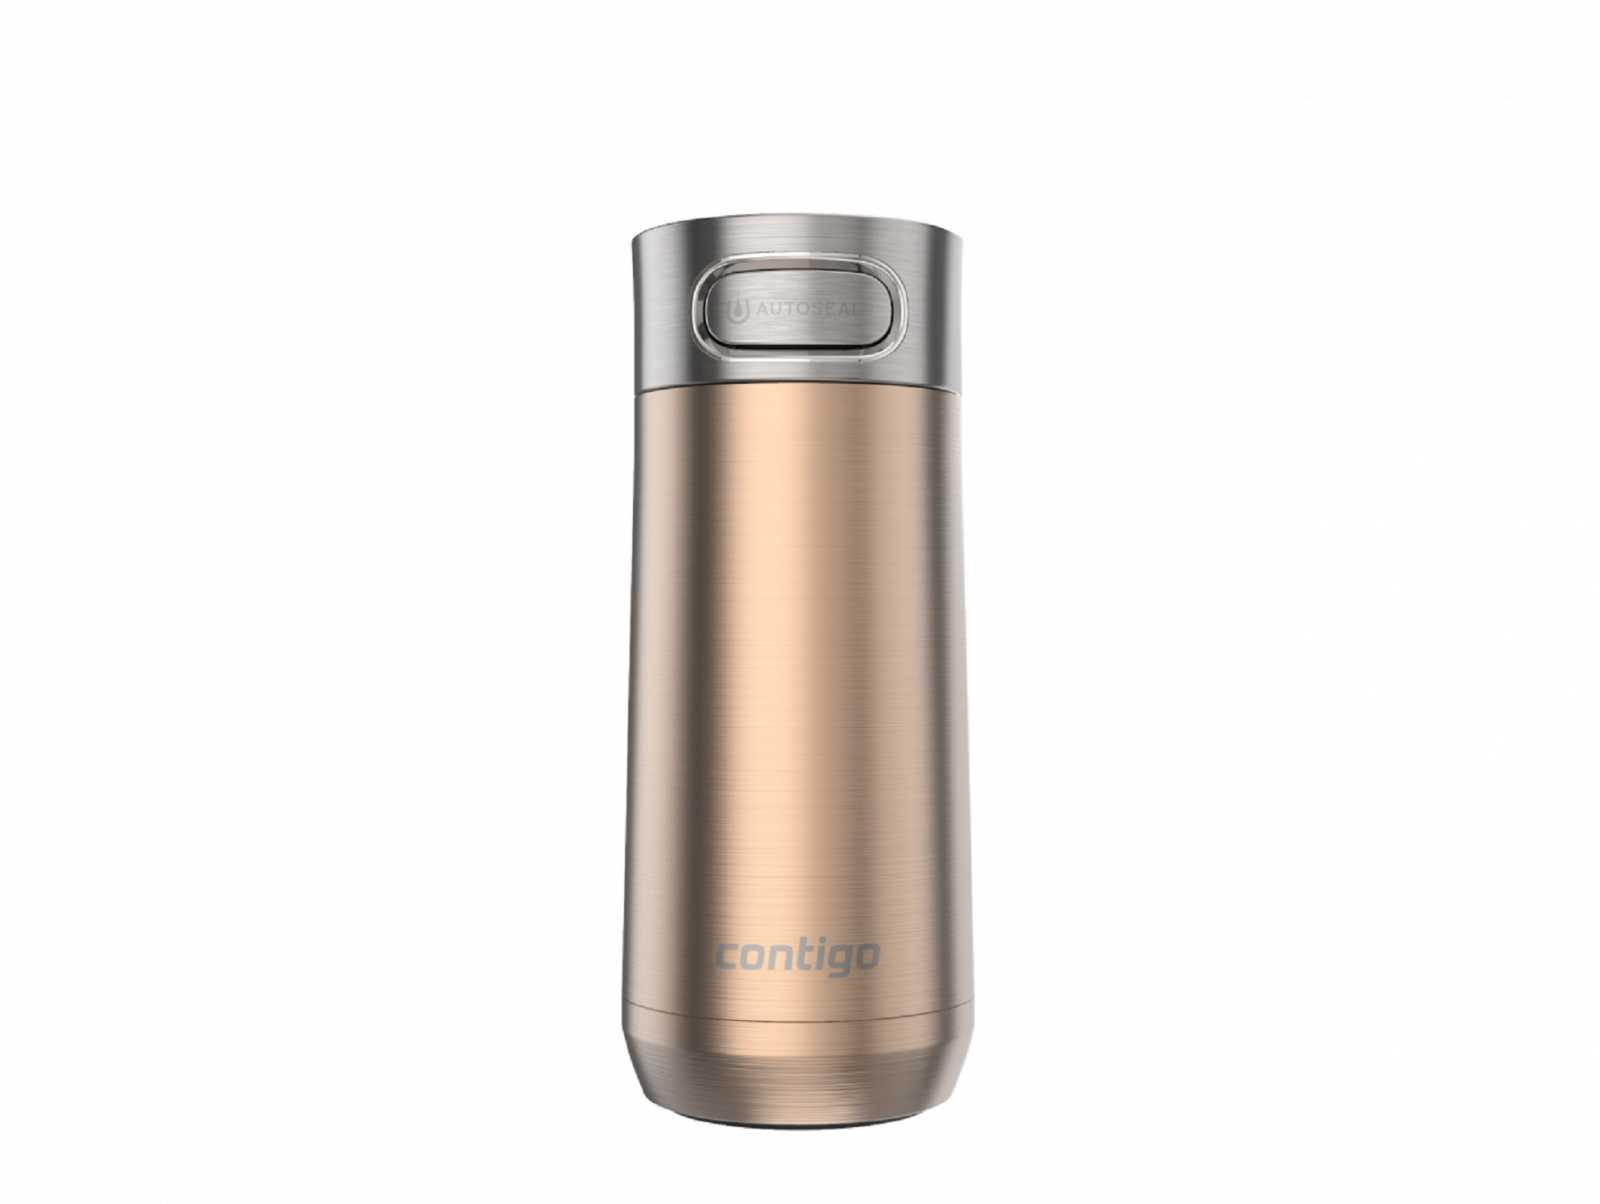 Онлайн каталог PROMENU: Термостакан Contigo LUXE White Zinfandel, объем 0,36 л, светло-розовый Contigo 2104542